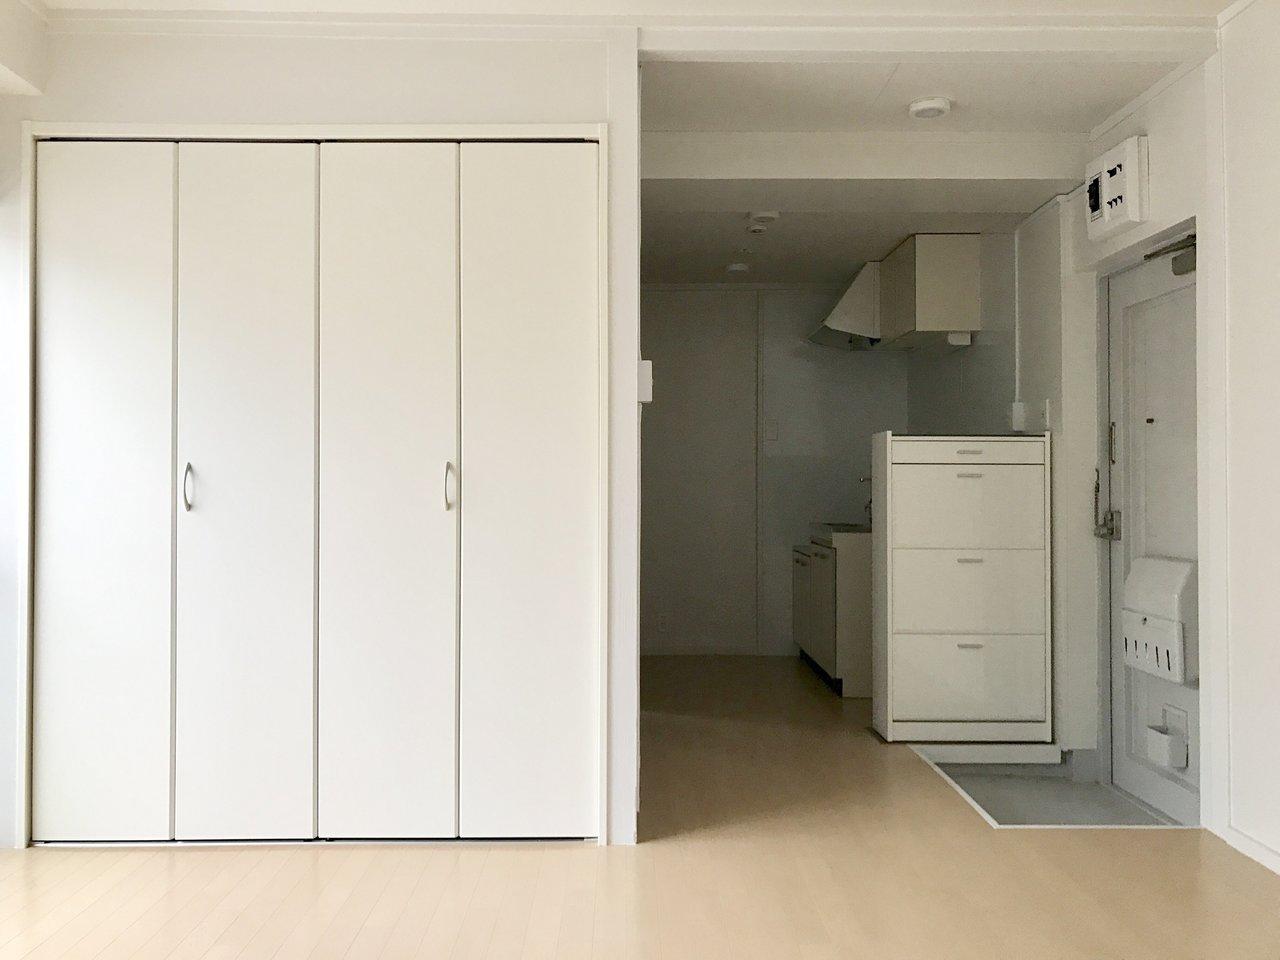 オープンなハンガーバーとは別でクローゼットもついています。広めのワンルーム、家具の配置も自在ですよ。